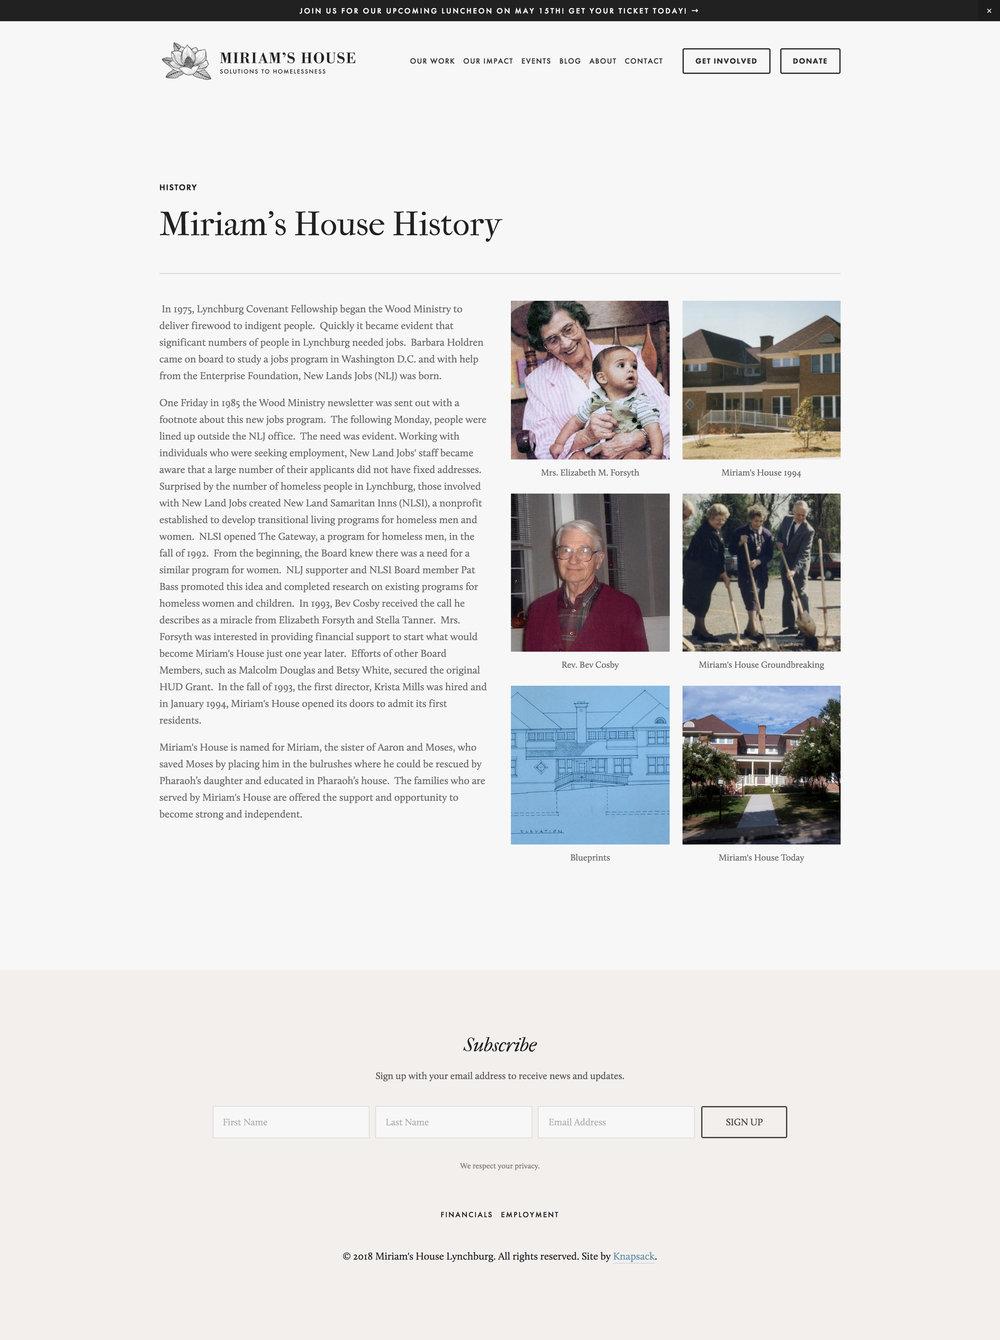 Miriams-House-History-Air.jpg